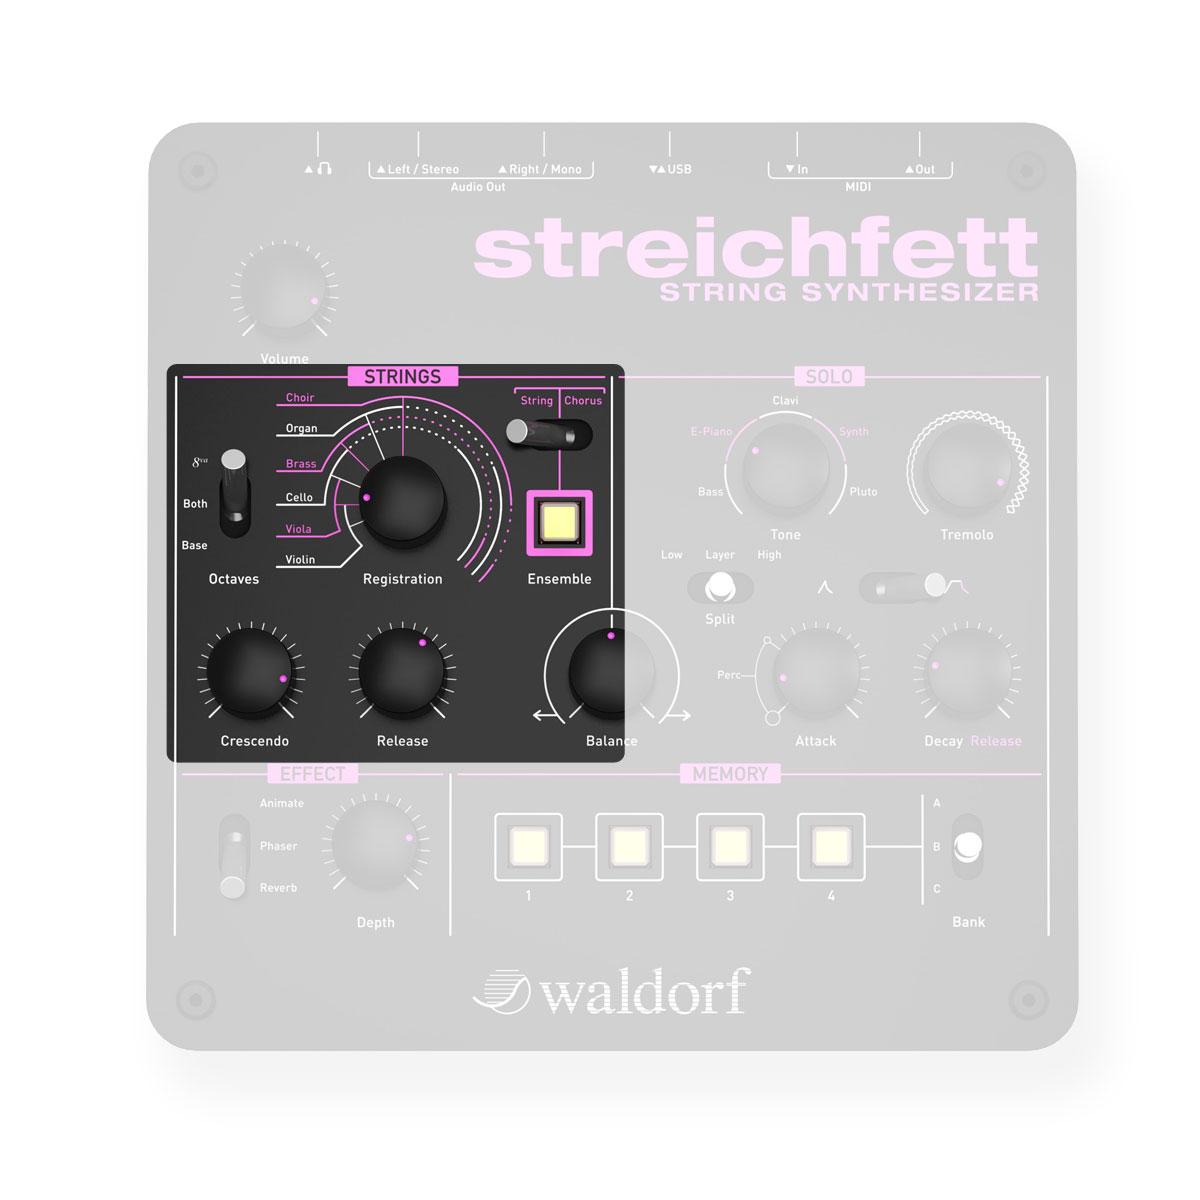 streichfett_strings